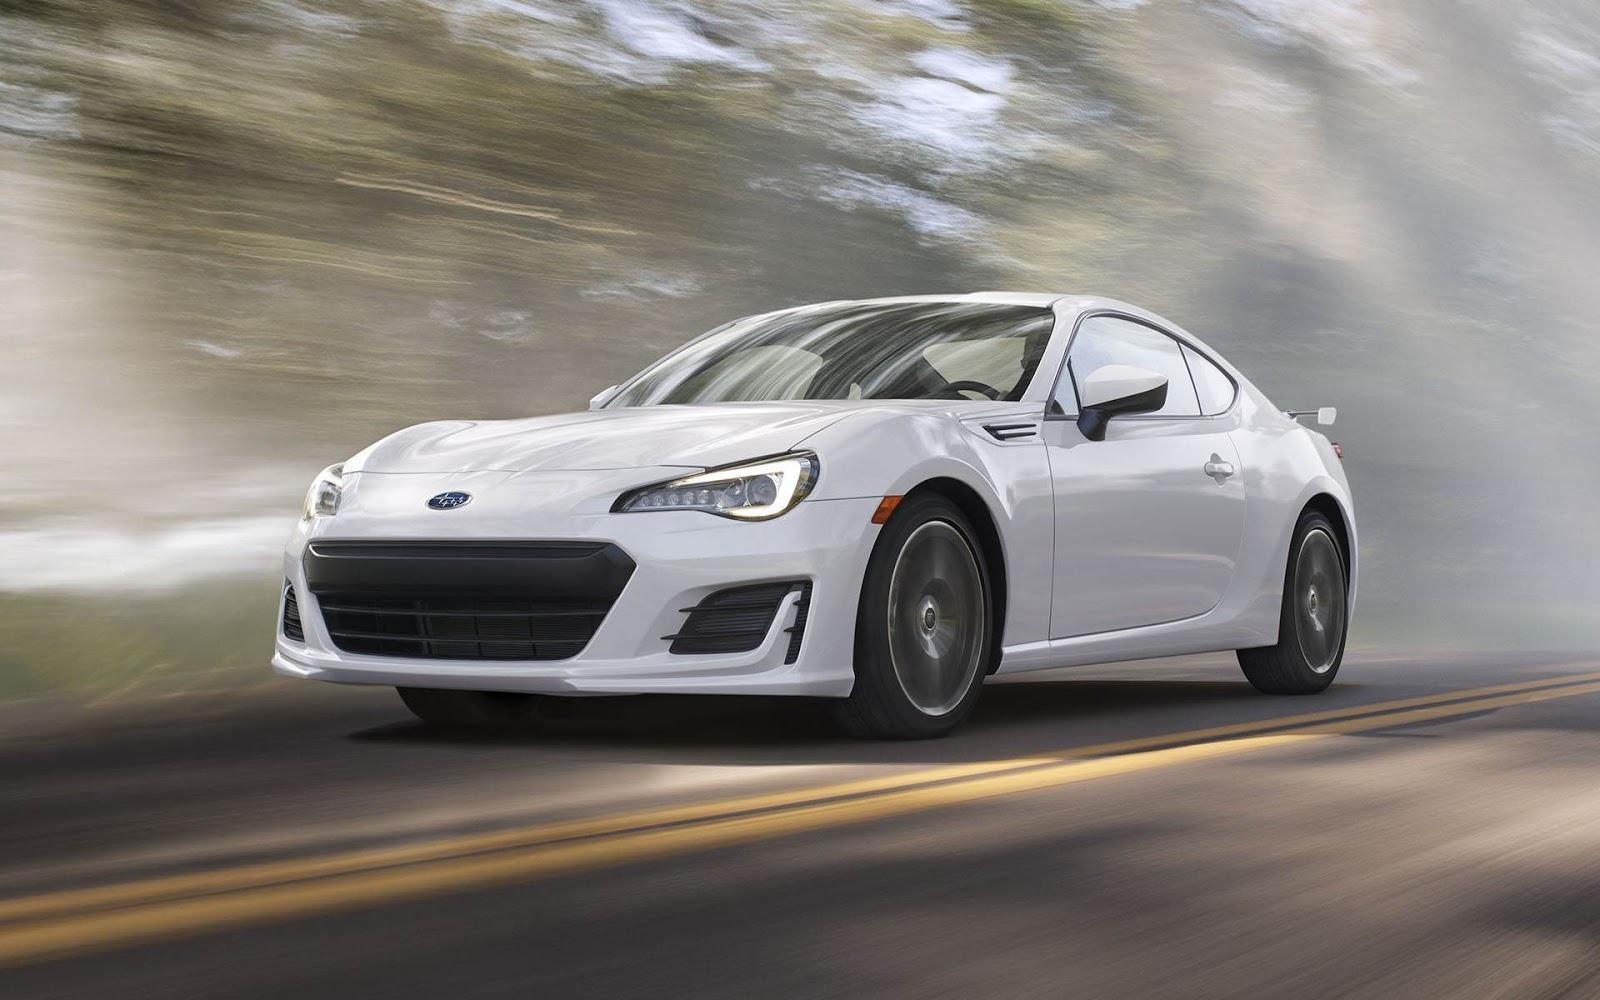 Subaru BRZ 2017 có vẻ ngoài đậm chất đua, nhưng giá lại vô cùng rẻ